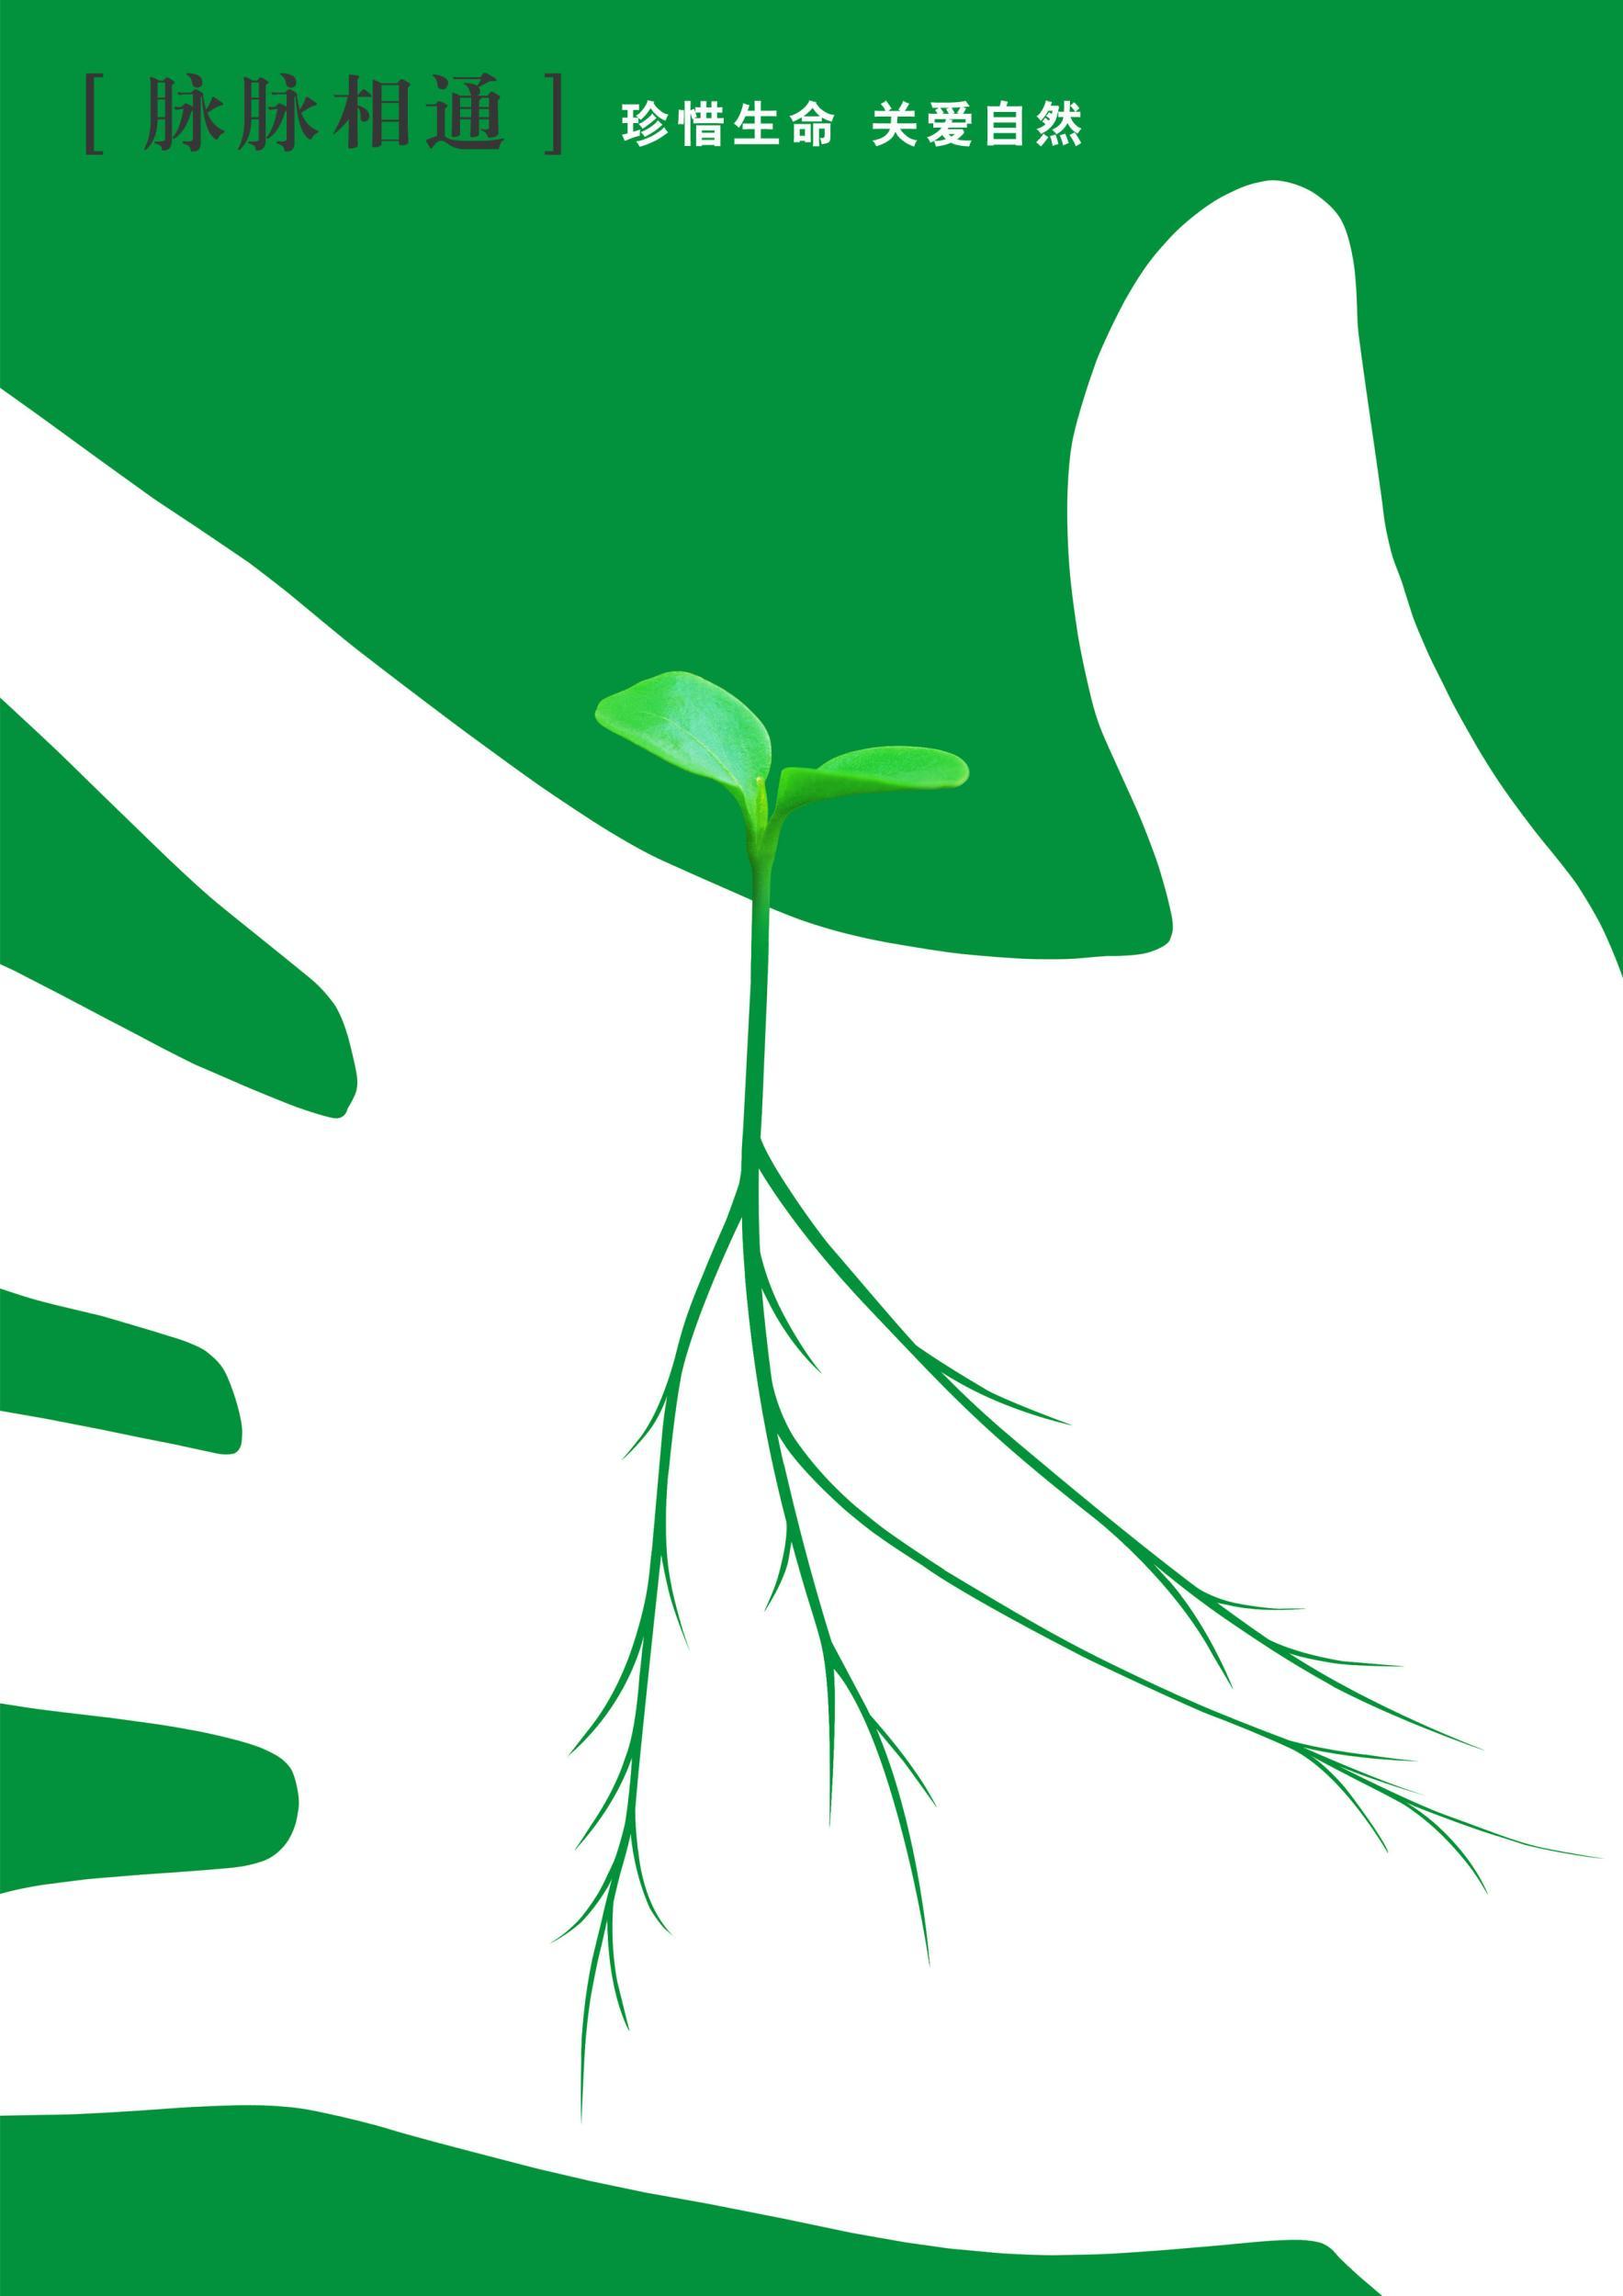 热爱大自然_热爱大自然手抄报,热爱大自然的画图片;